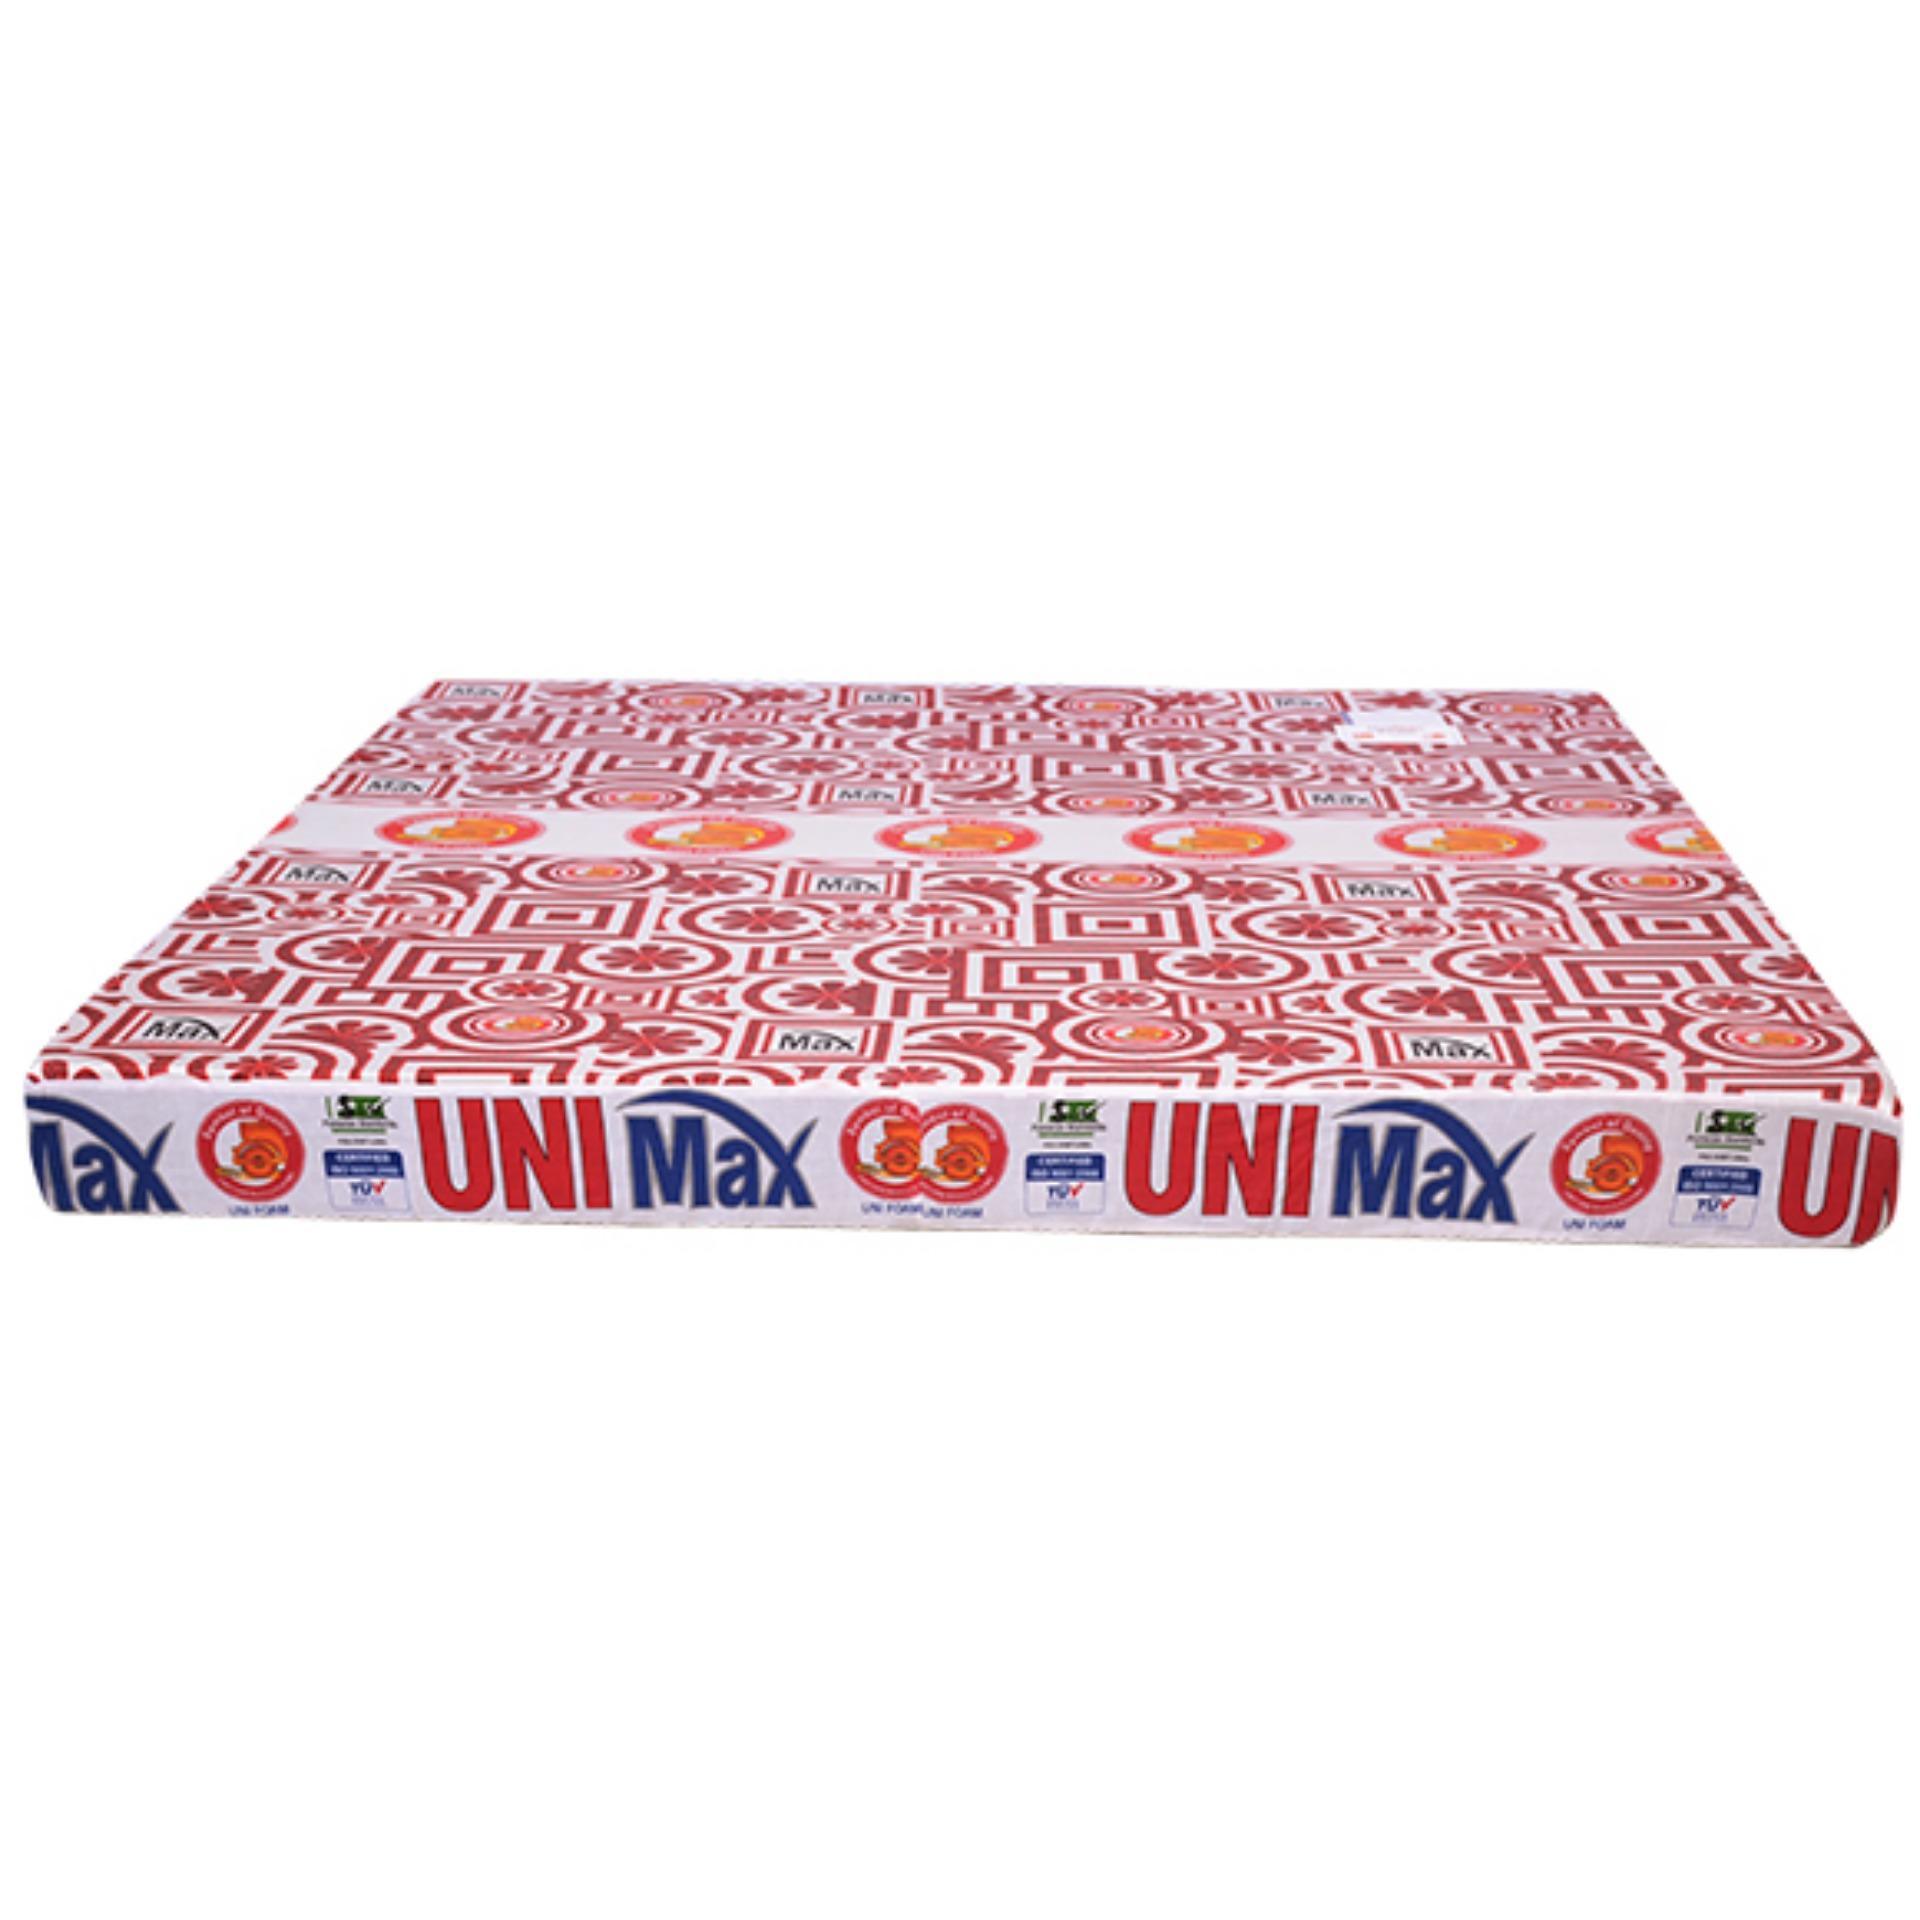 Uni Max Mattress